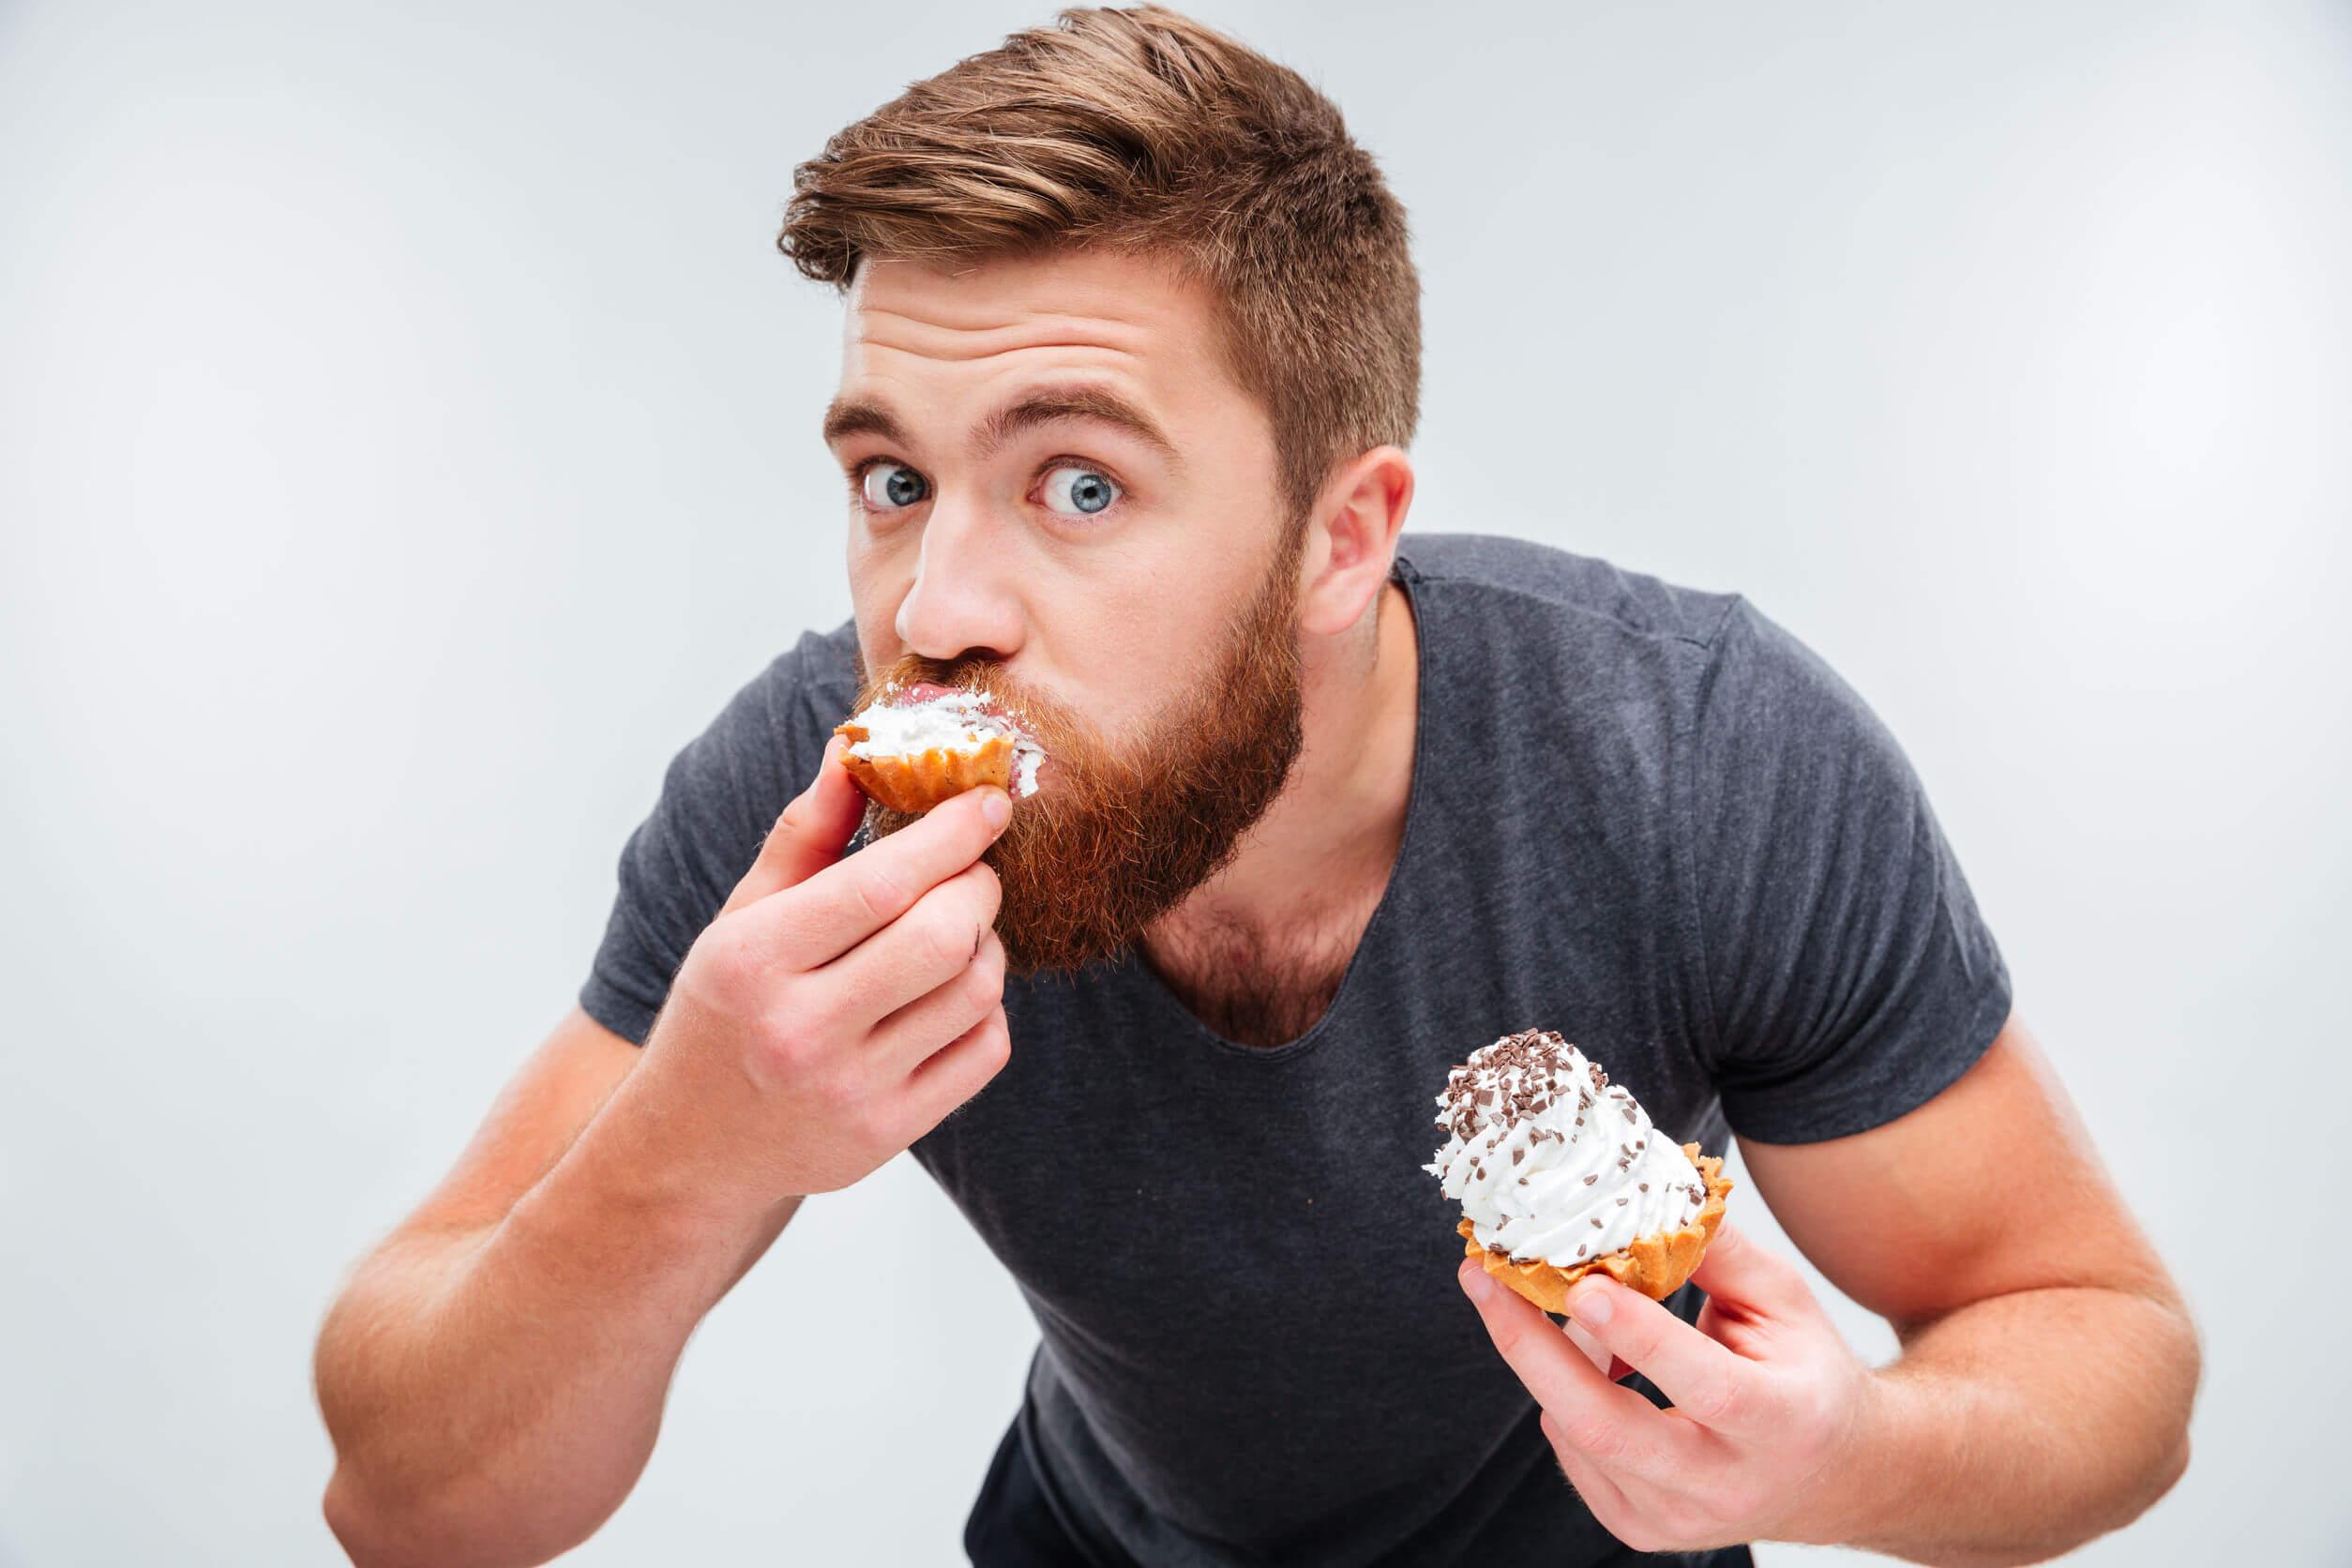 ¿Por qué seguimos comiendo aunque estemos llenos?